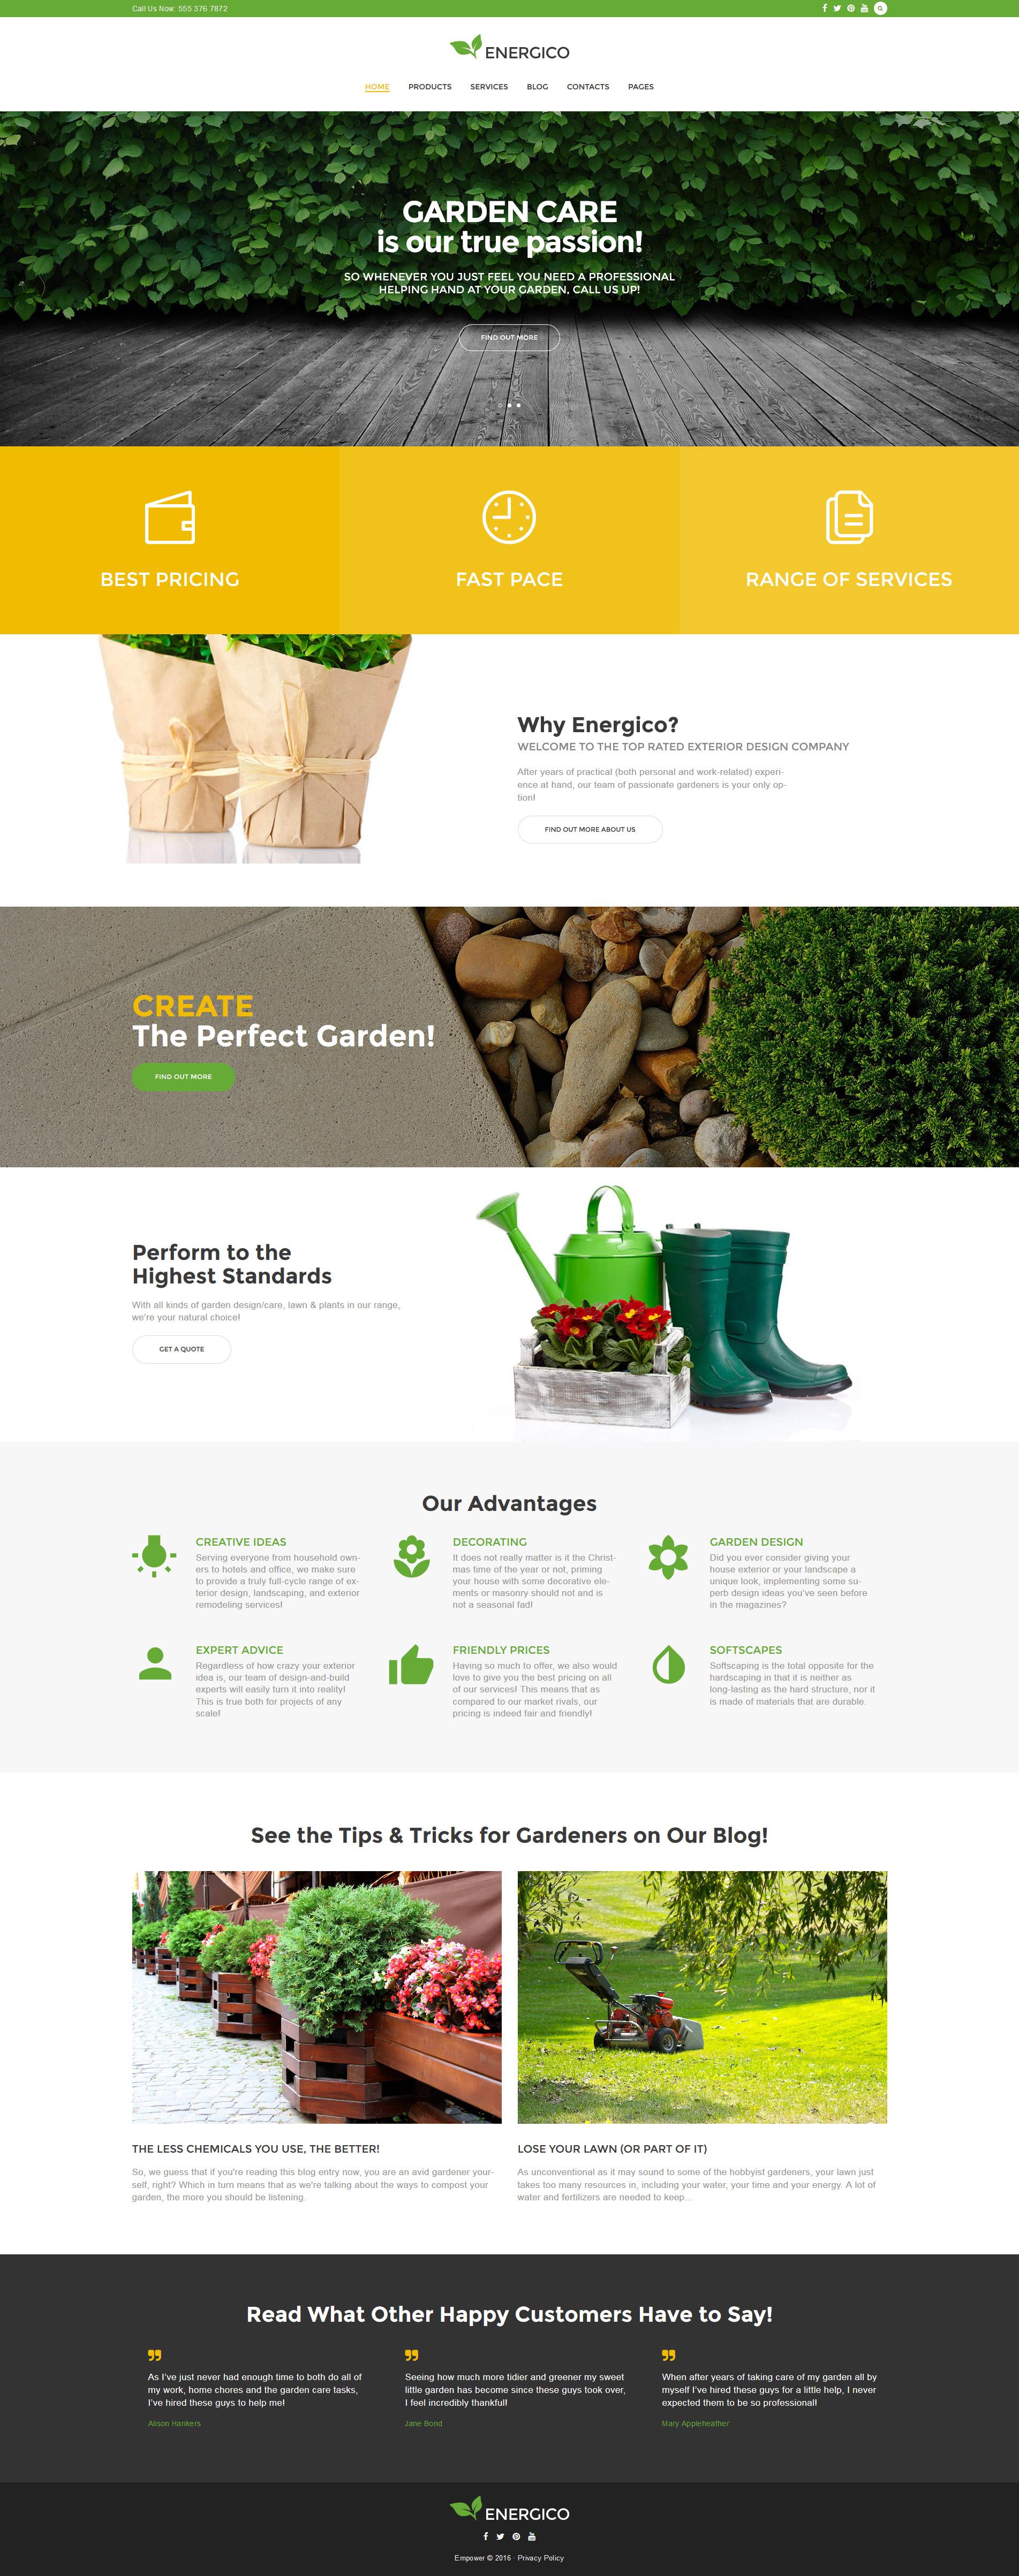 energico agriculture garden care responsive wordpress theme - Garden Park Nursing Home